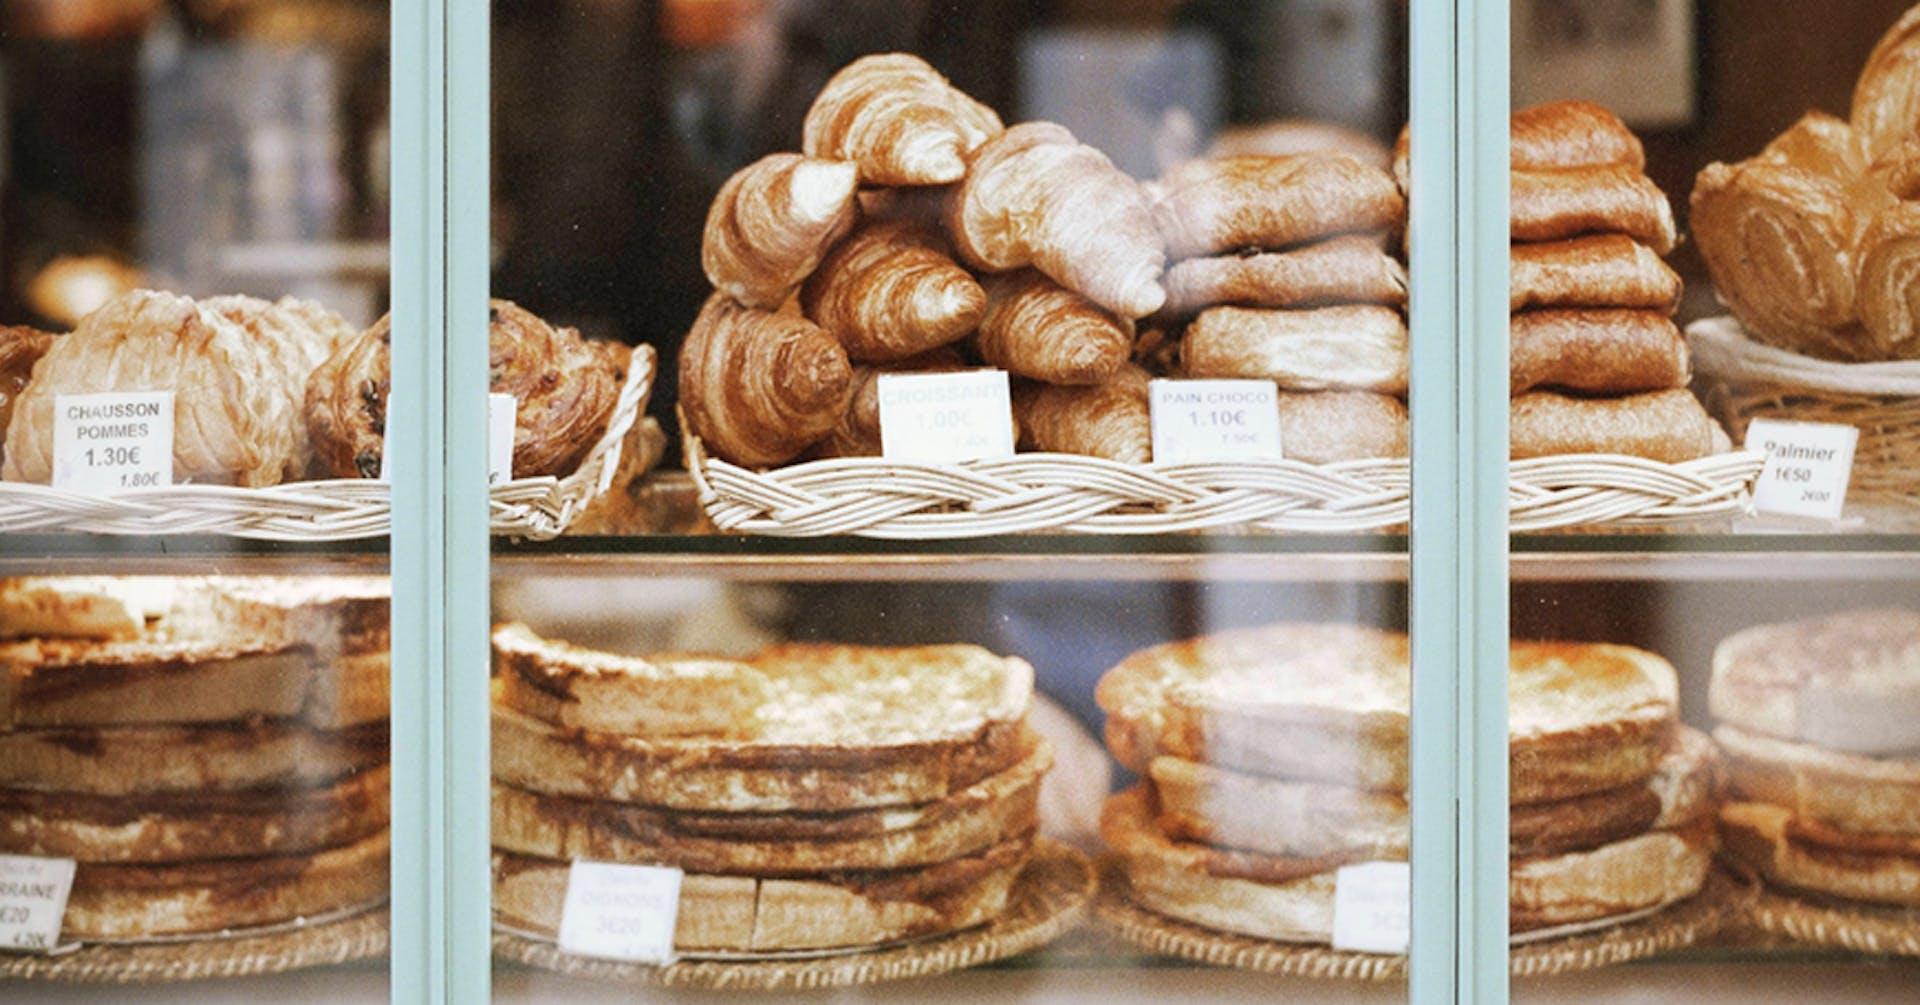 Tipos de panadería: características y variedades